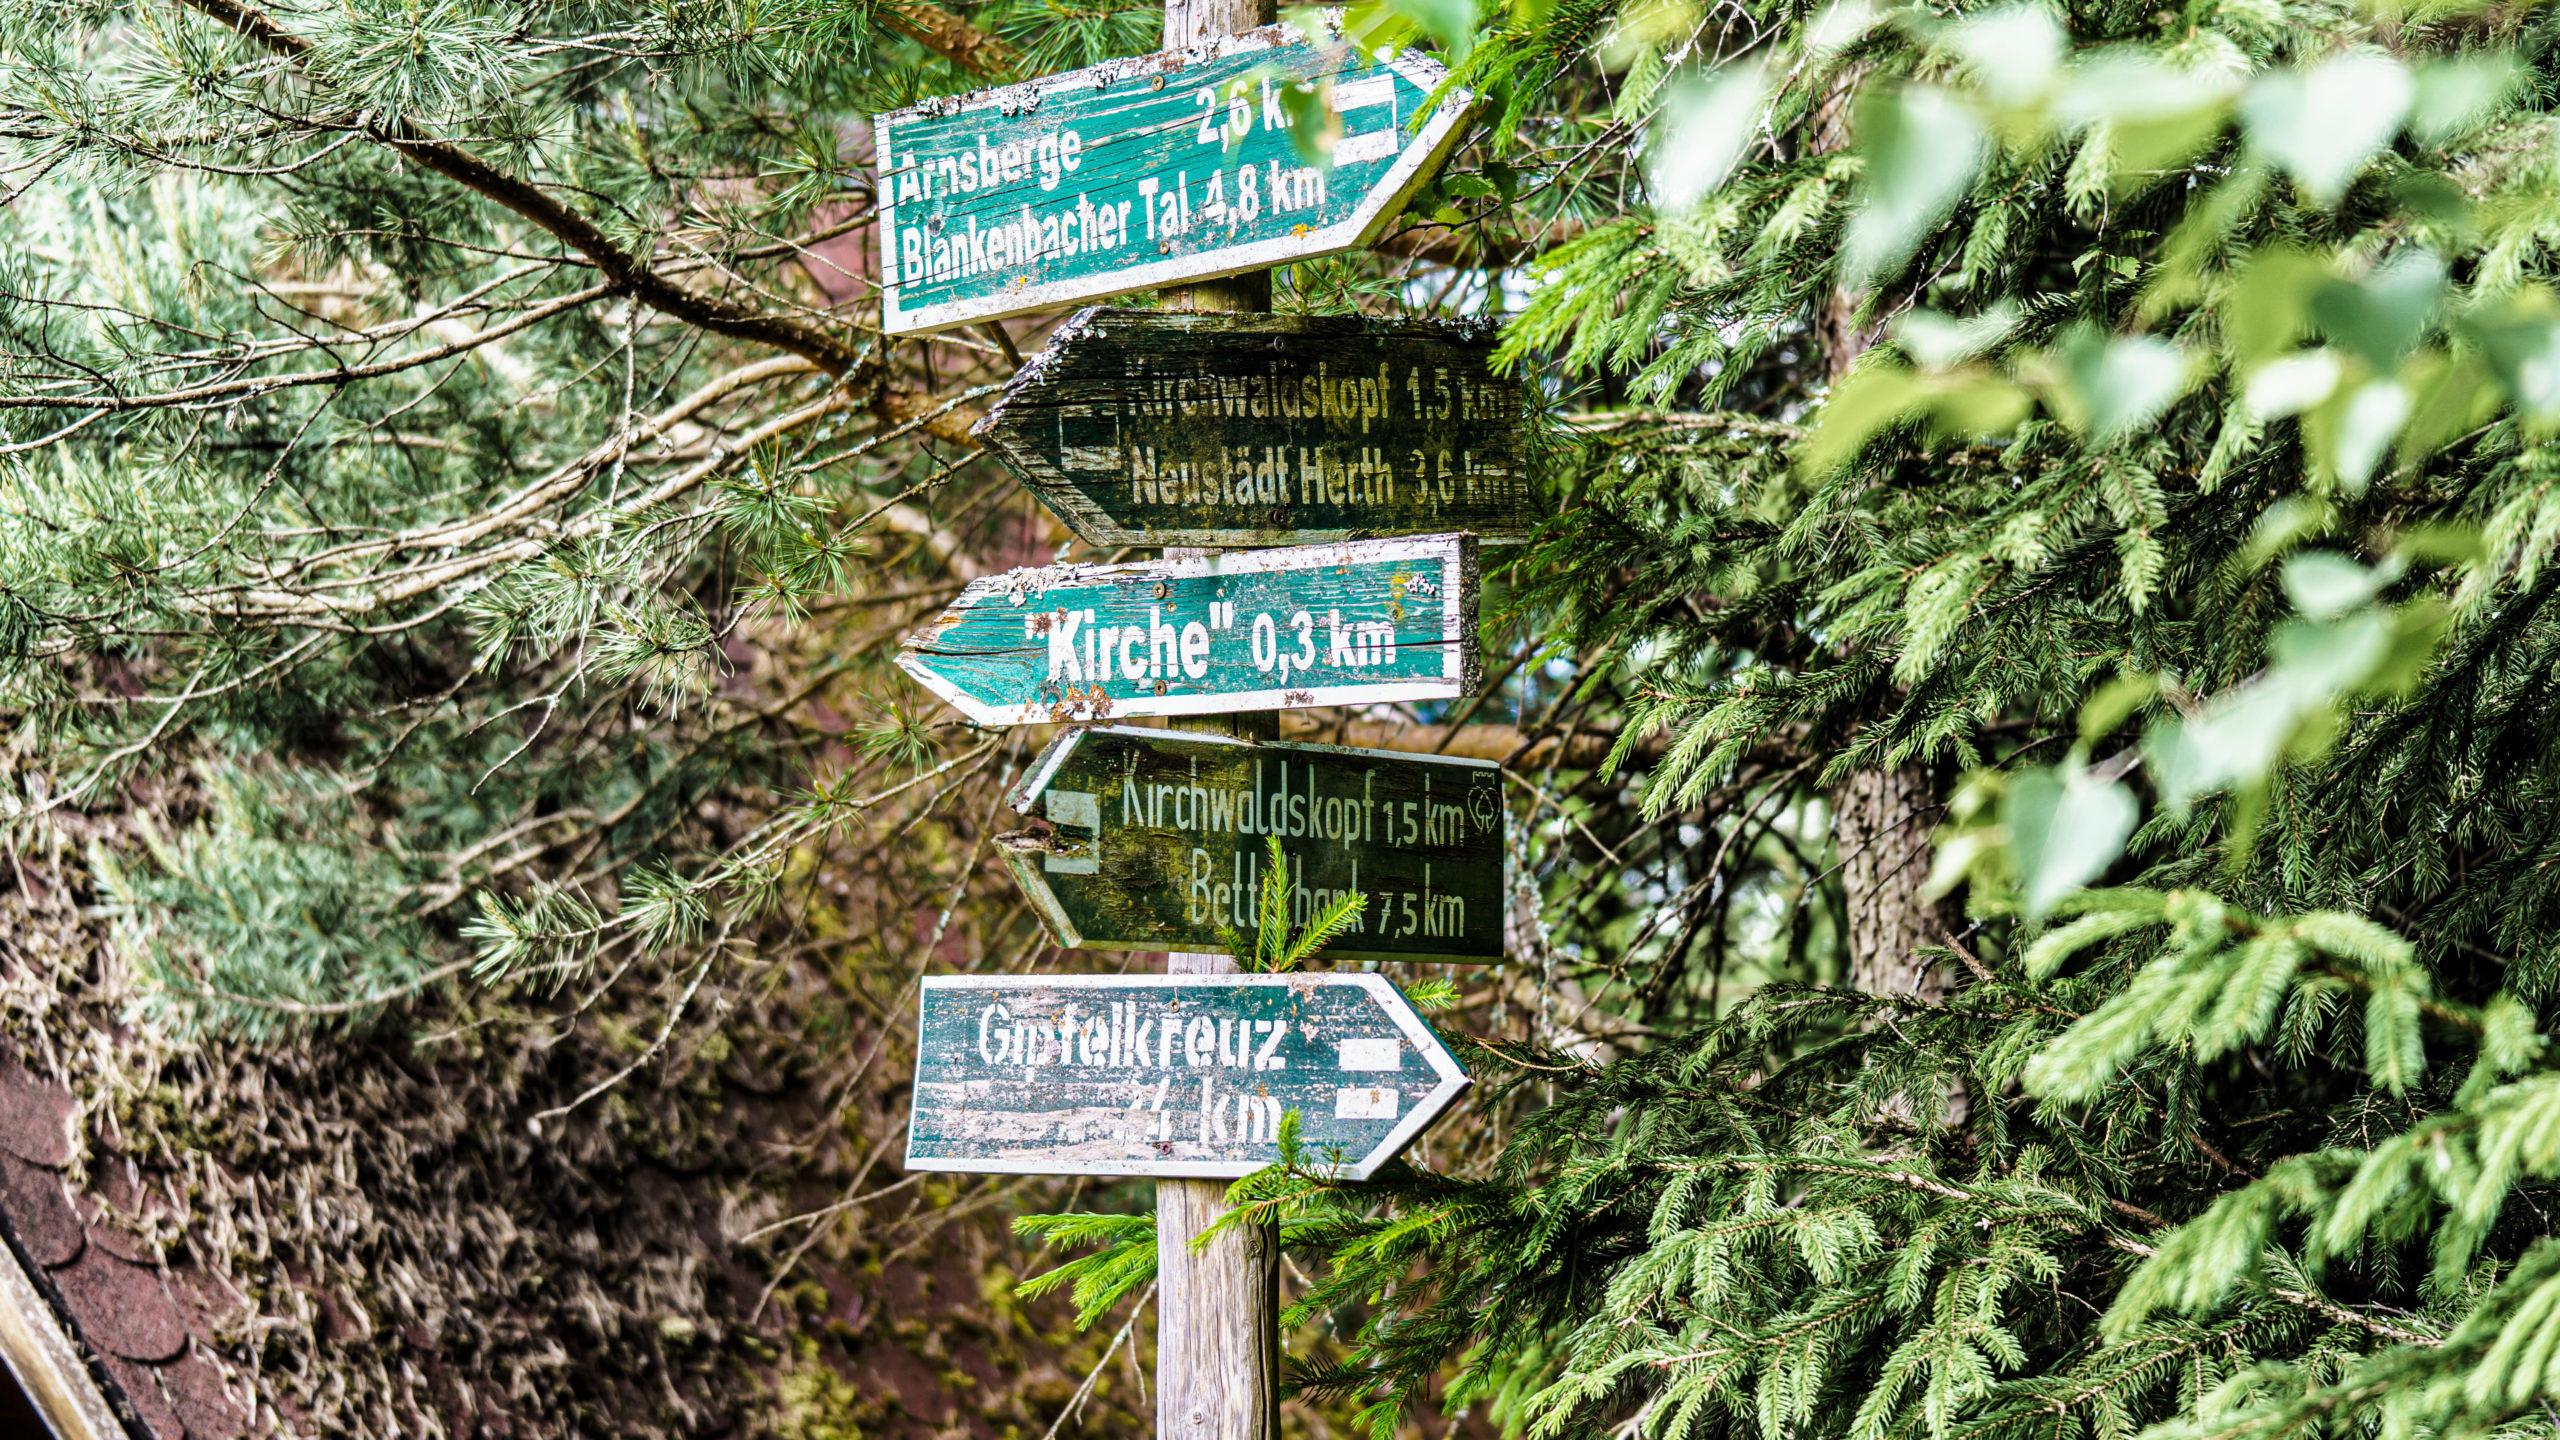 Grenzweg Gerstunger Forst, am Wartburgblick unweit der Kirche im Gerstunger Forst